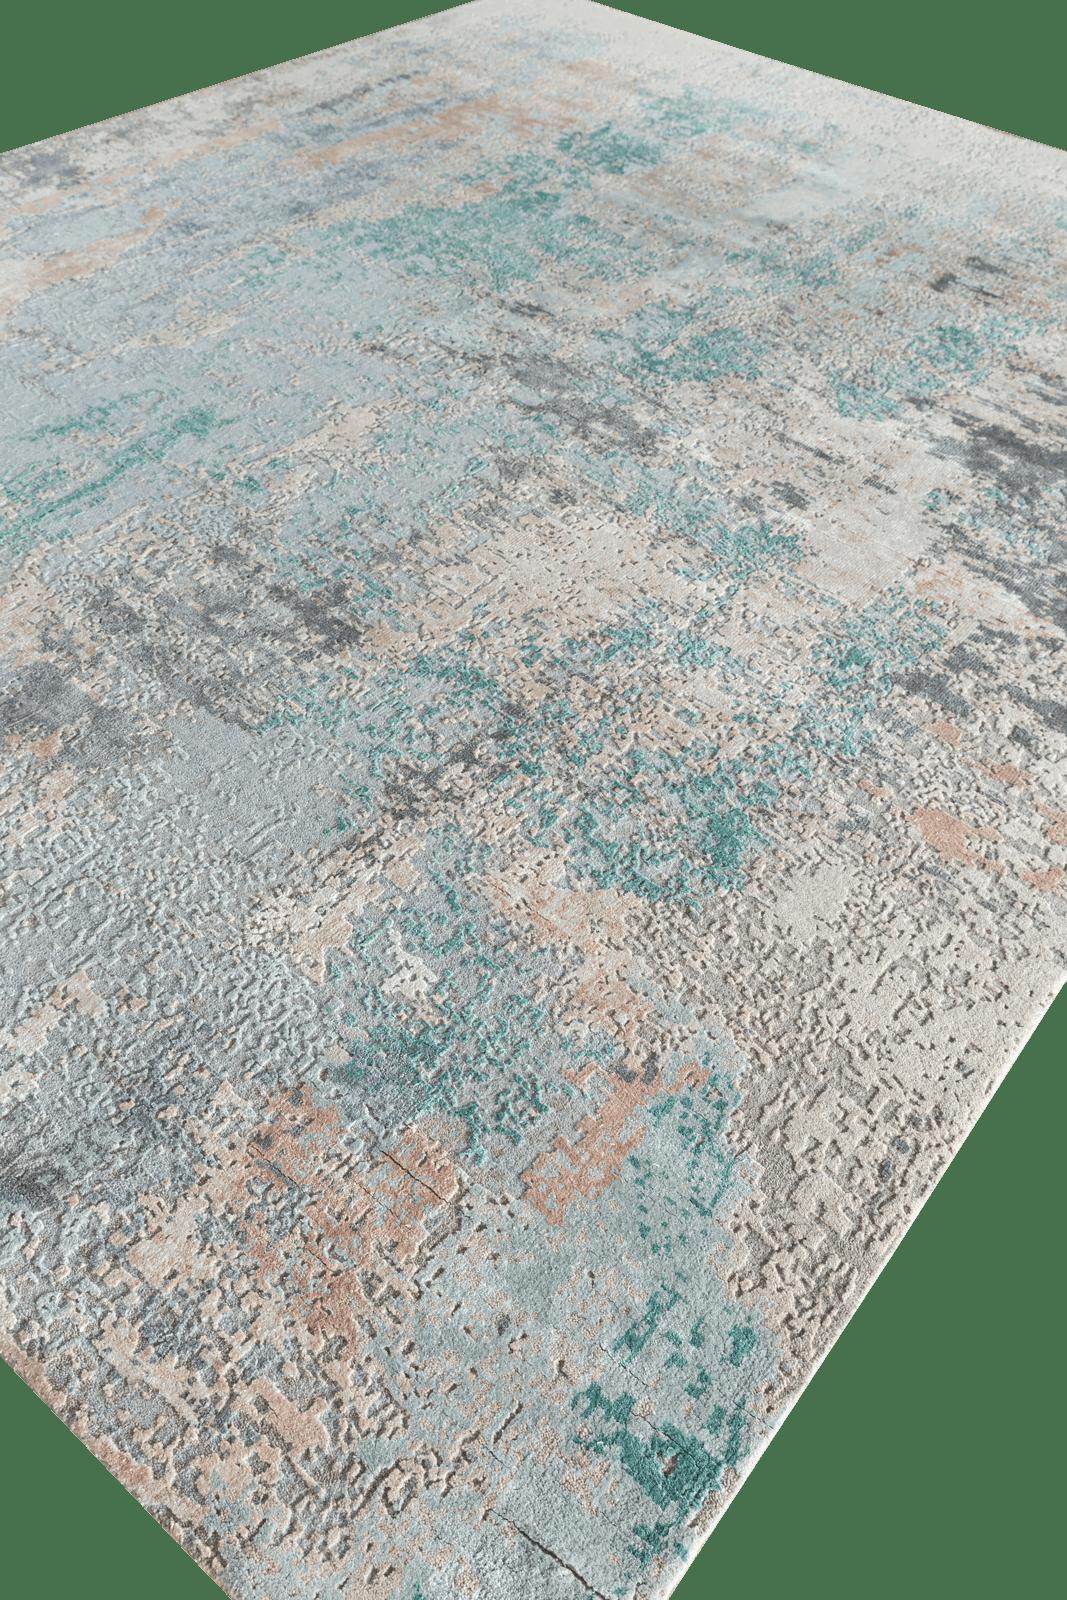 riviera-caribbean-sky-design-tapijt-luxe-moderne-exclusieve-design-tapijten-luxe-vloerkleden-haute-couture-zijde-koreman-maastricht